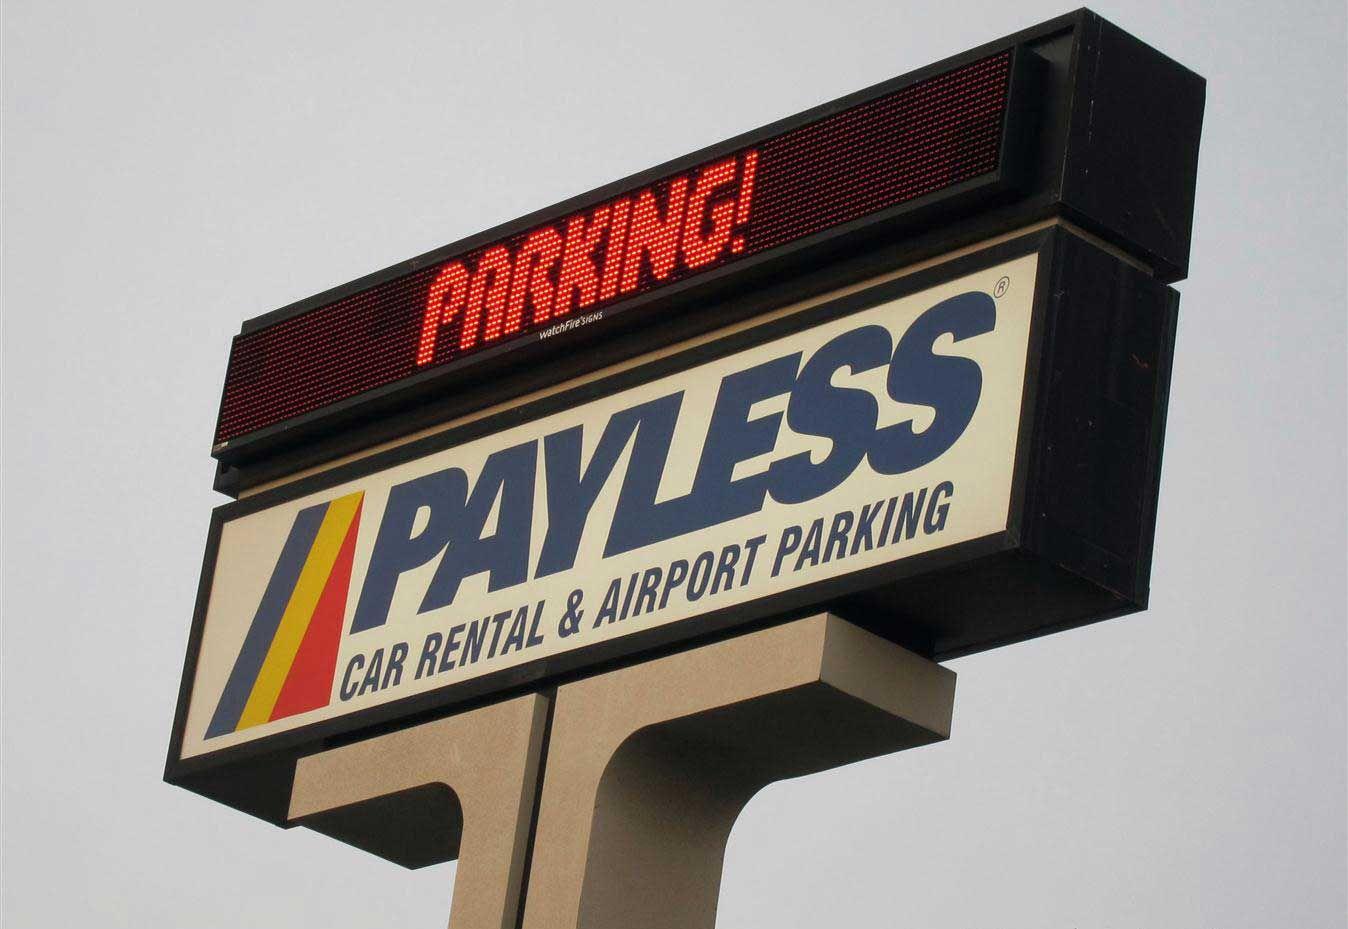 Payless car rental sign